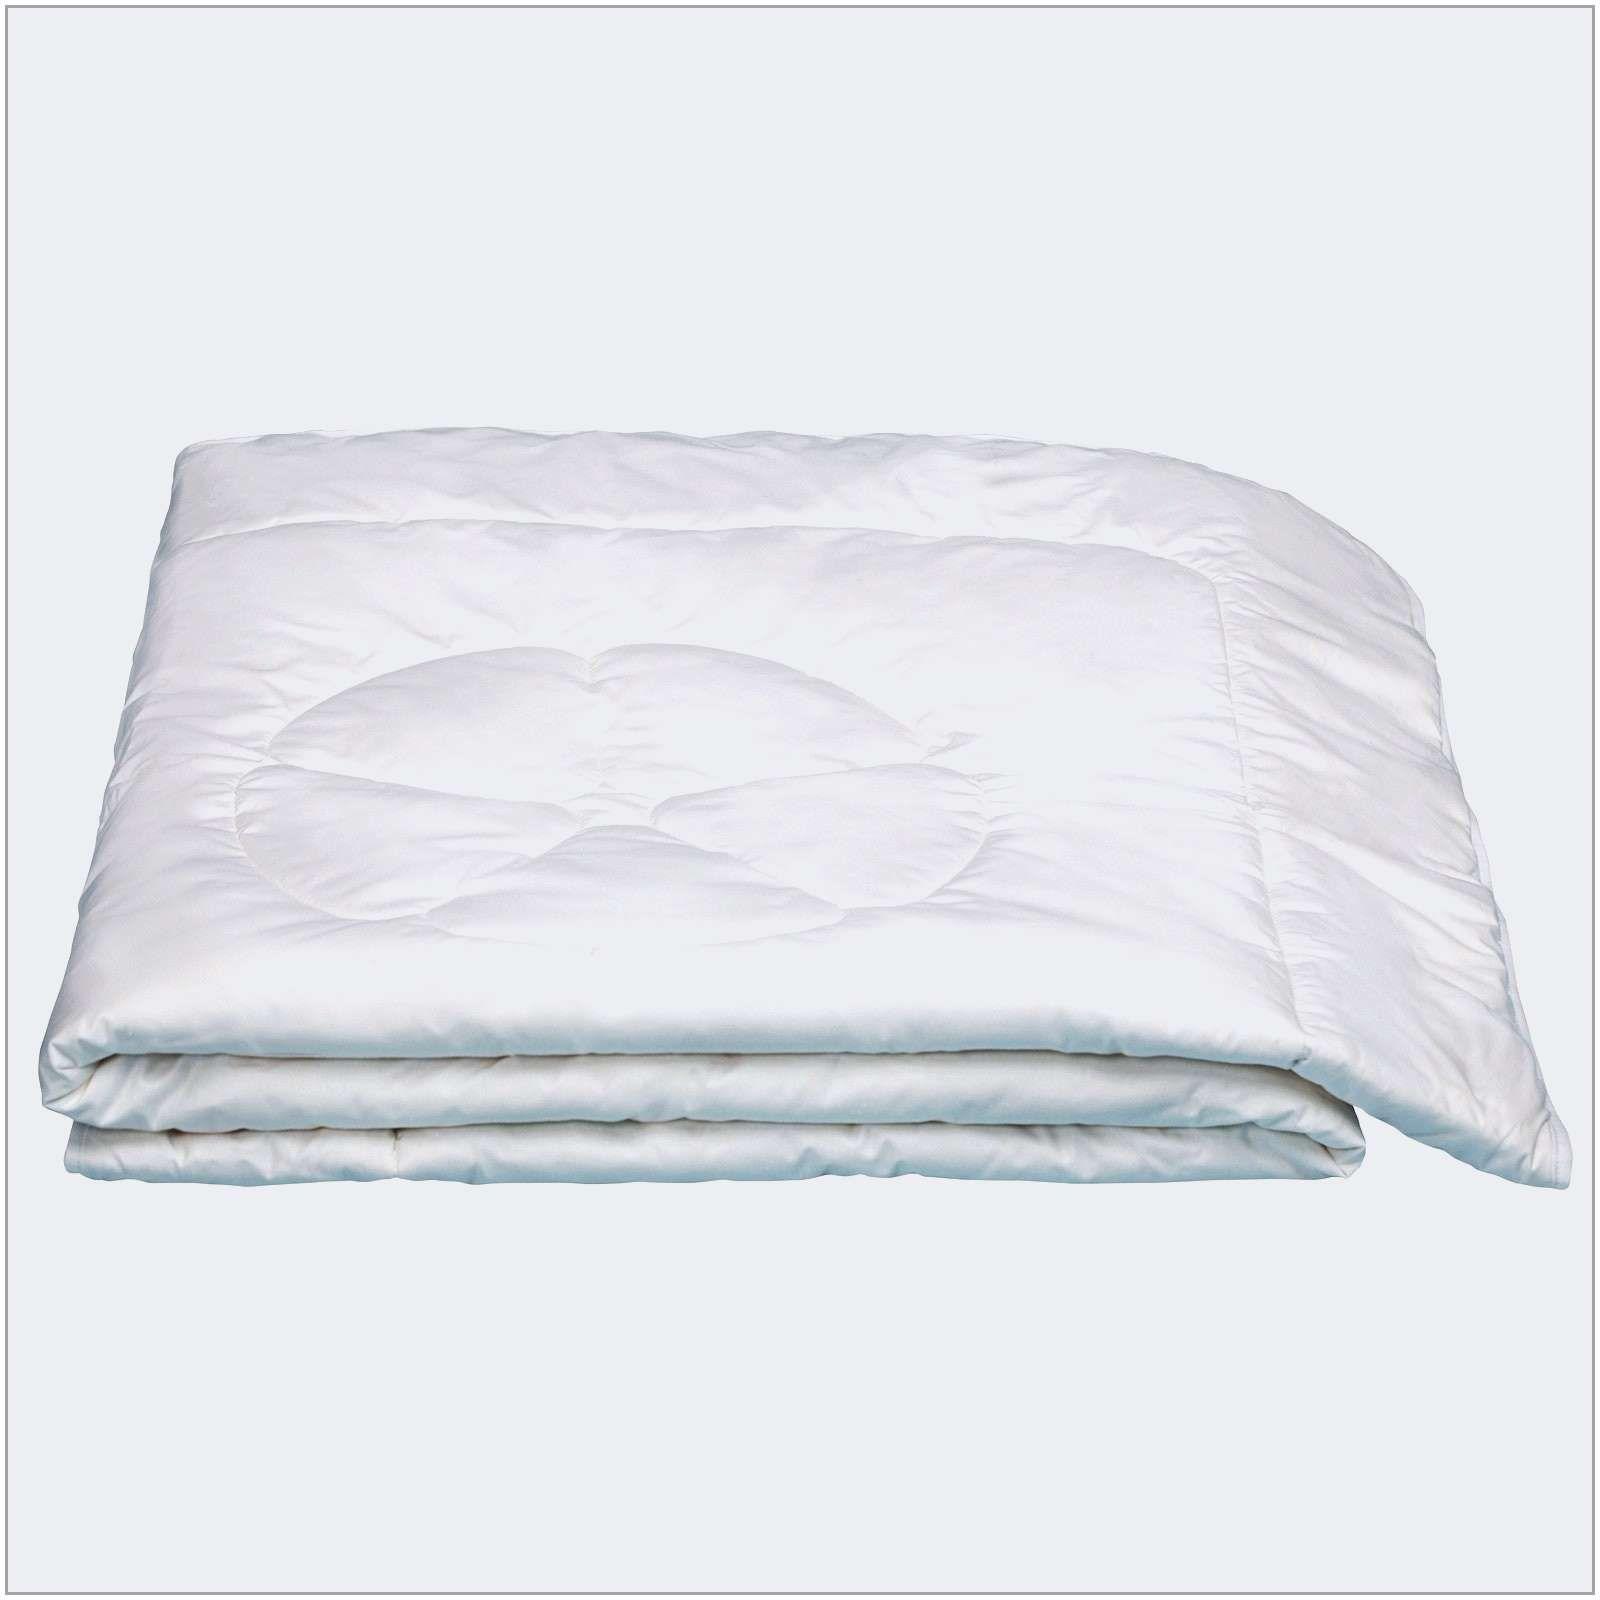 Housse De Couette Ikea 260x240 Housse De Couette Ikea 260x240 Angslilja Housse De Couette Et Taie 150x200 65x65 Cm Ikea Housse De Cou Bed Pillows Bed Pillows